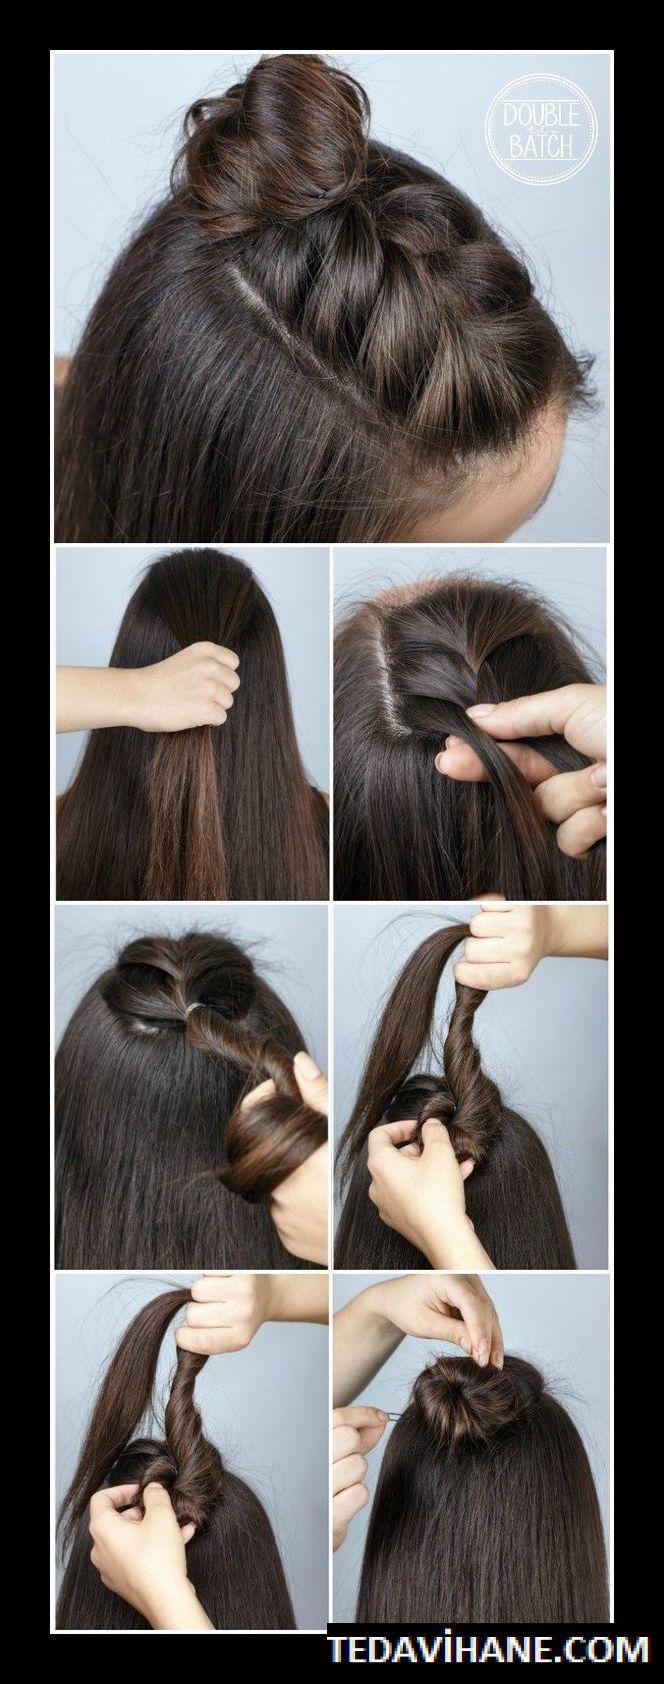 Styles de coiffure pour les écoles 22 Tutoriels de coiffure simples et rapides pour la rentrée scolaire